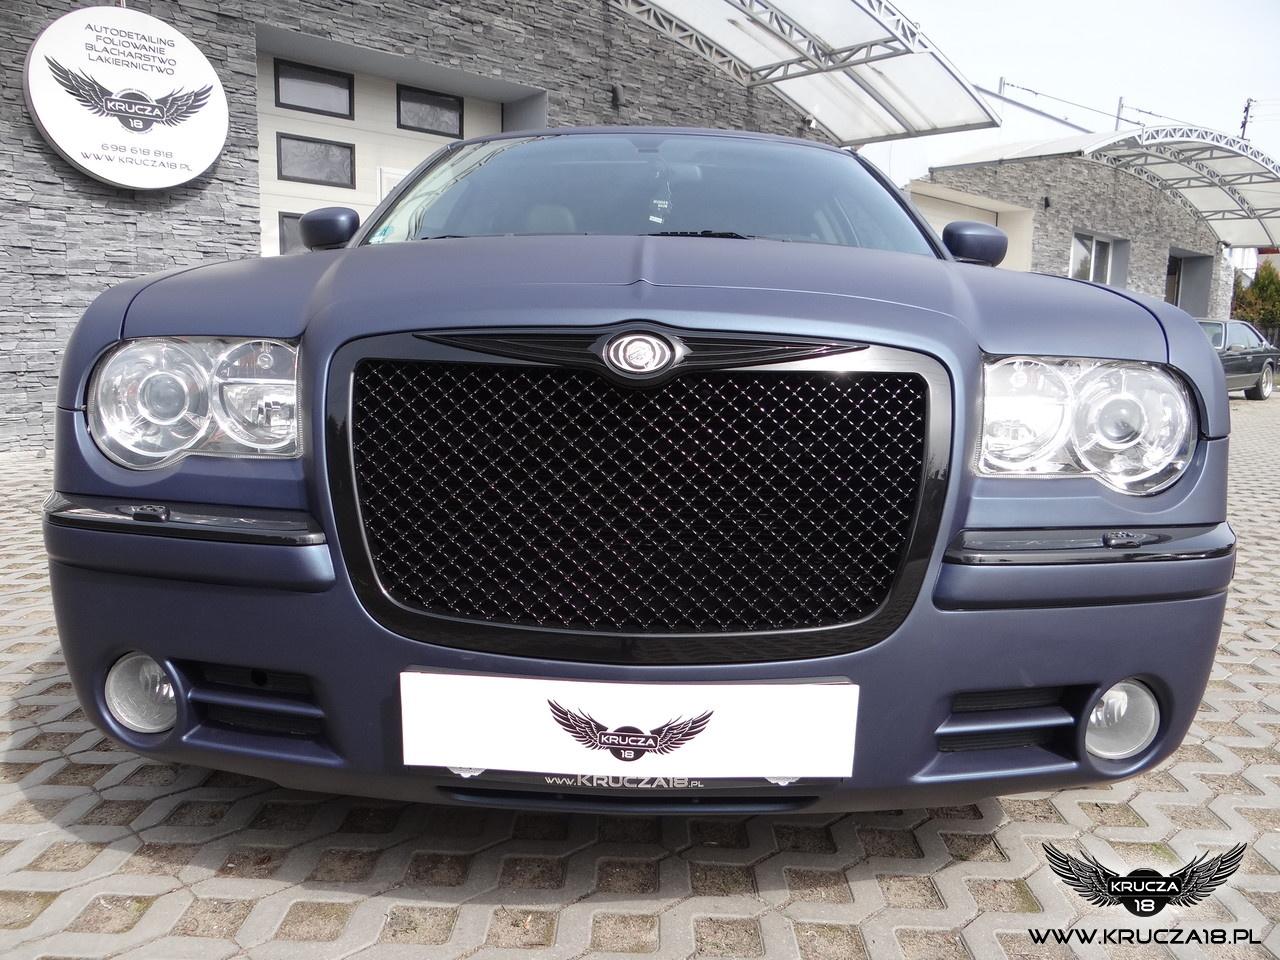 CHRYSLER 300 C : zmiana koloru auta folią : Mariana Blue : Krucza18 : Osielsko/k.Bydgoszczy